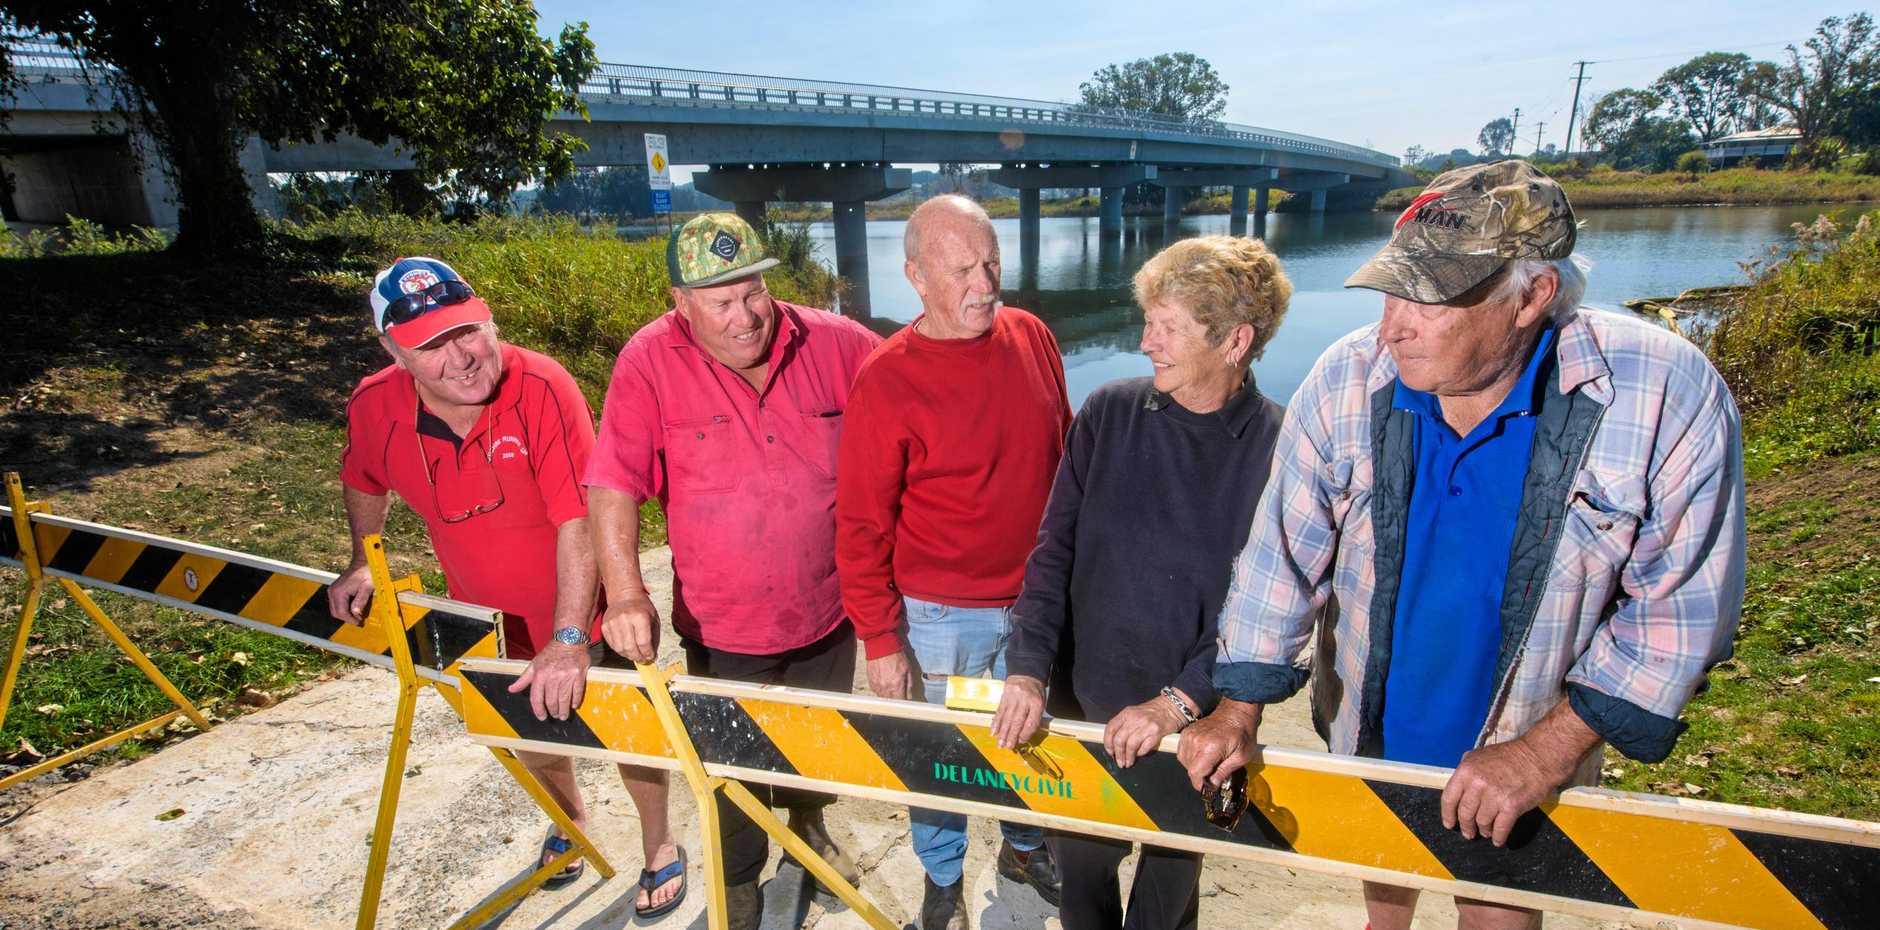 Tony Berry, John hoy, President Rick Reid, Lyn Morgan and Rick Morgan at  the closed Sportsman Creek boat ramp.